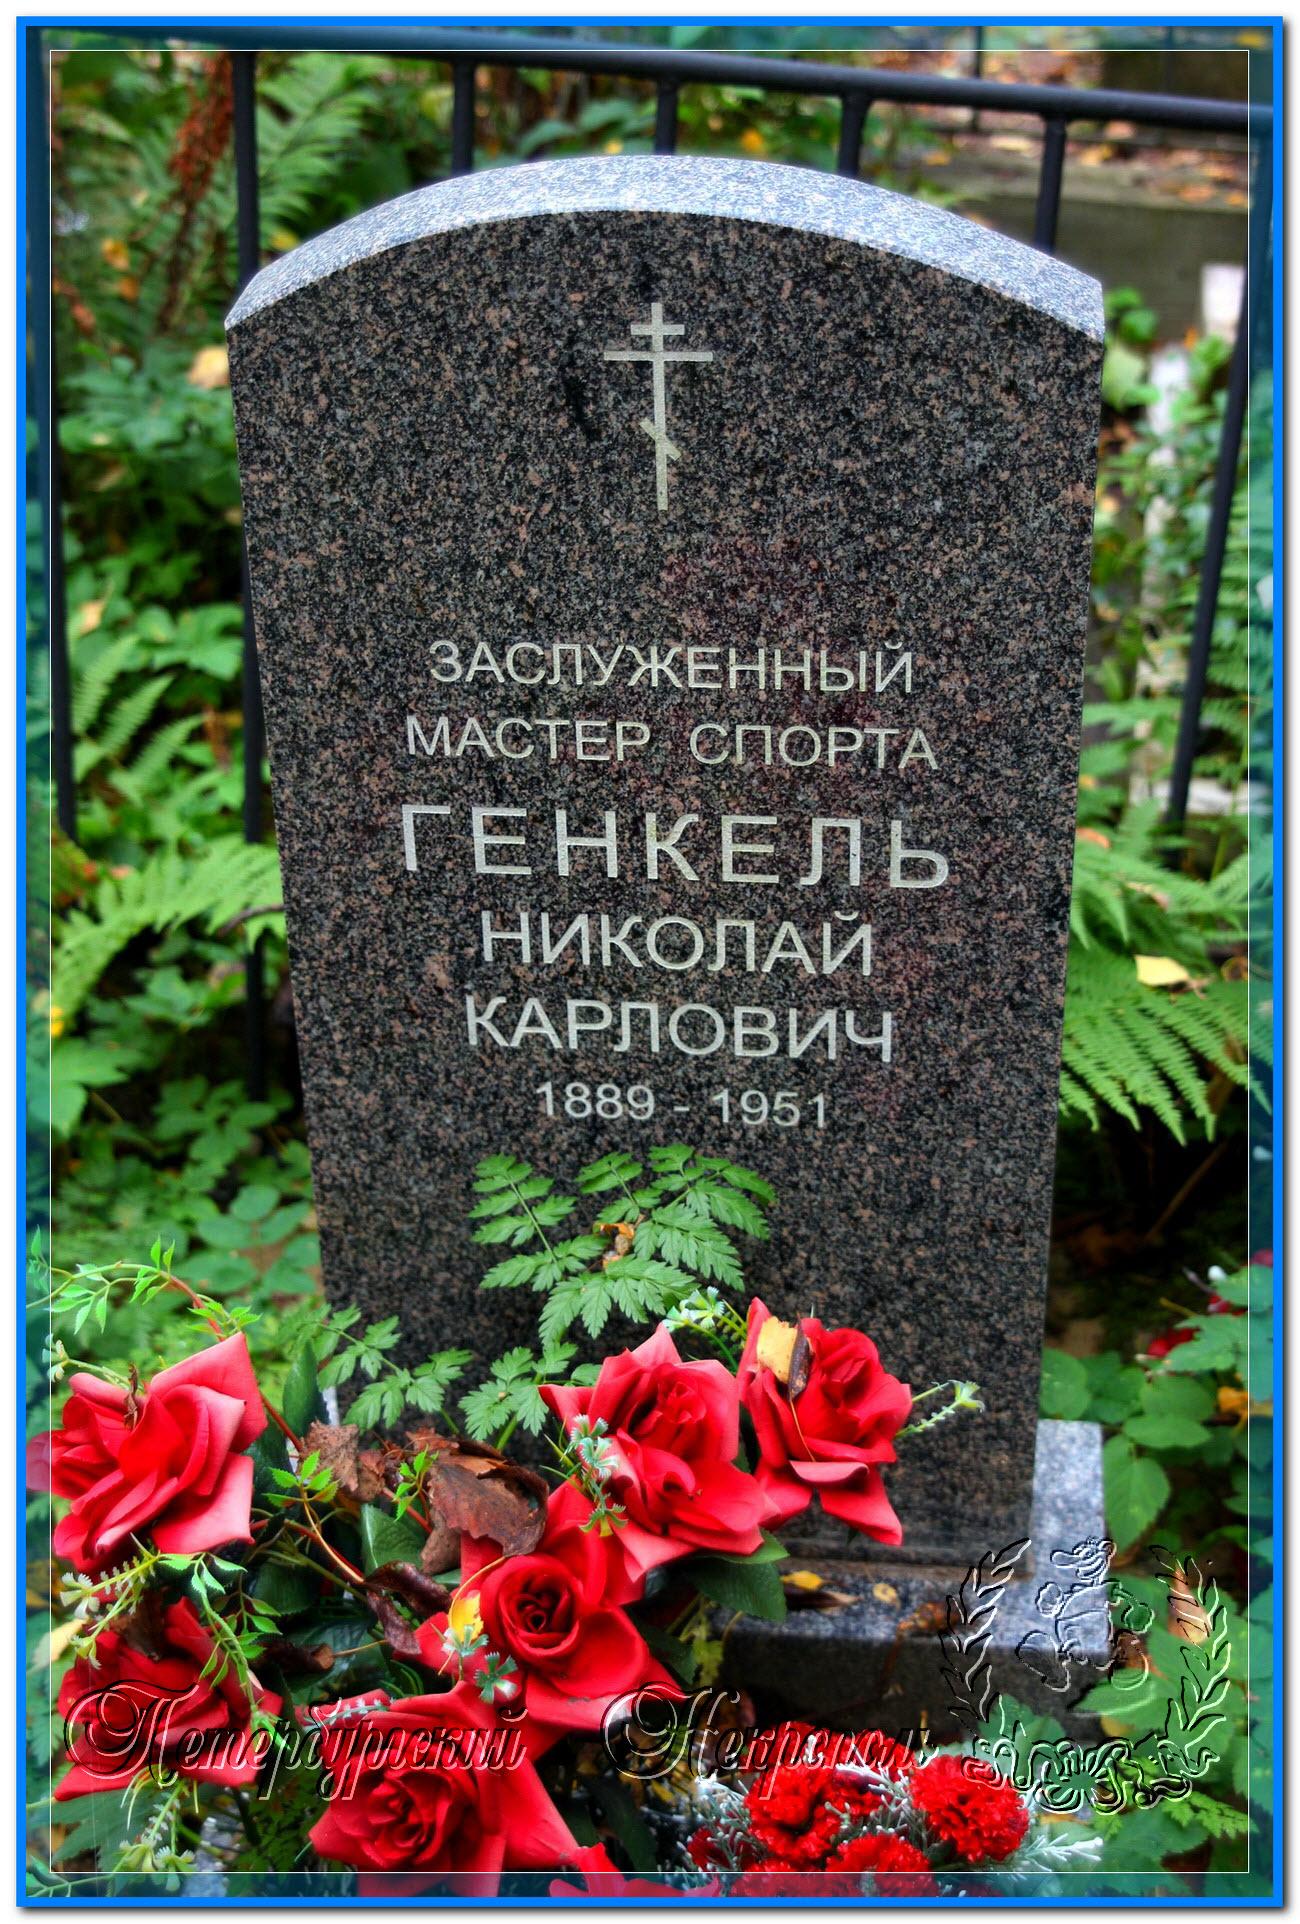 © Генкель Николай Карлович